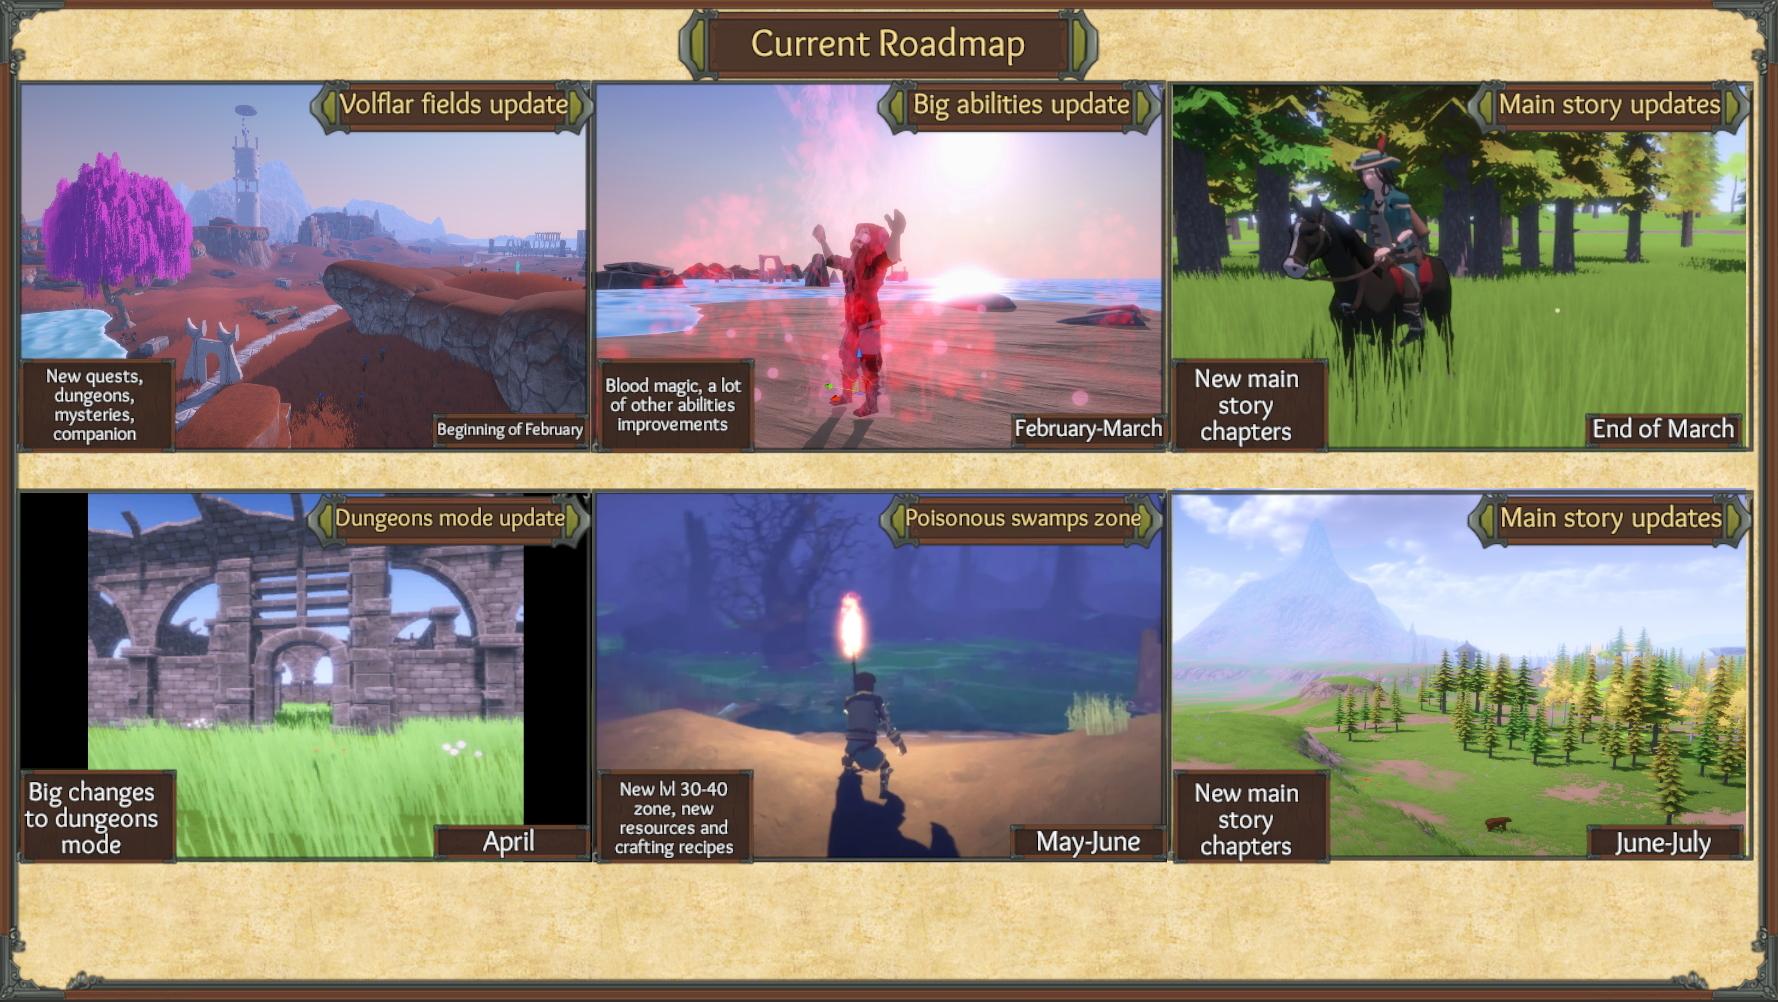 b3743aff6285c9c6de121432fc61978f584c9d1d | RPG Jeuxvidéo